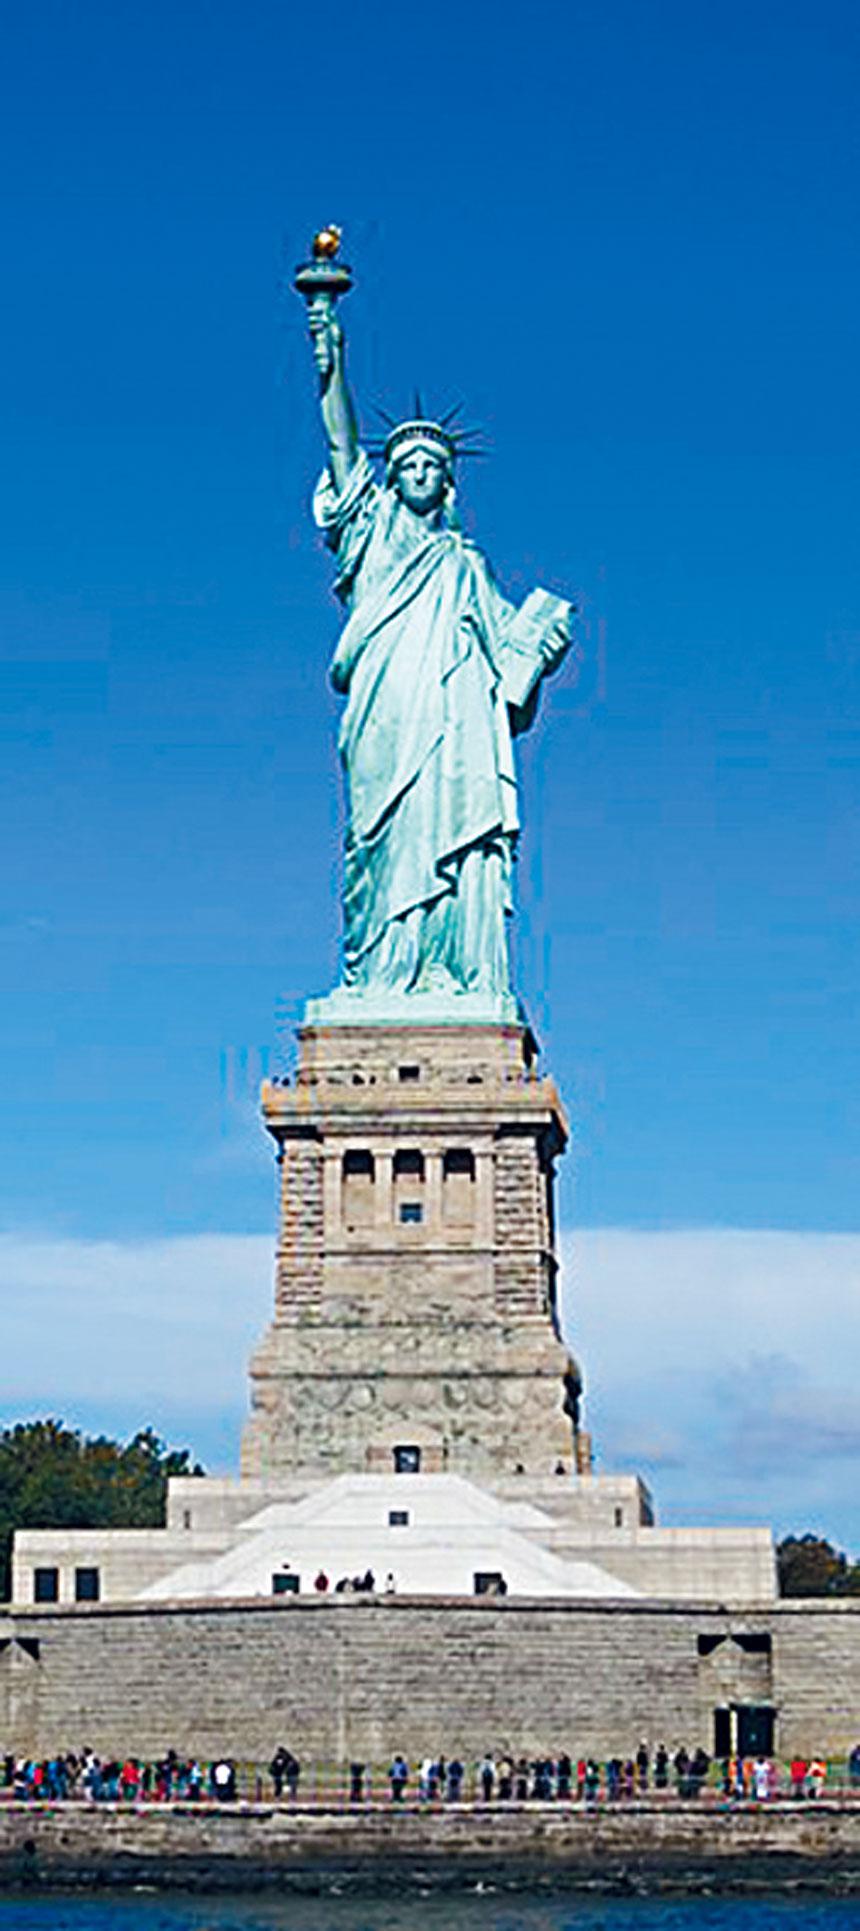 矗立在紐約自由港的「自由神像」,是1886年10月28日法國人民送給美國人民的禮物。自由神像是自由和美國的象徵,也是對外來移民的歡迎信號。